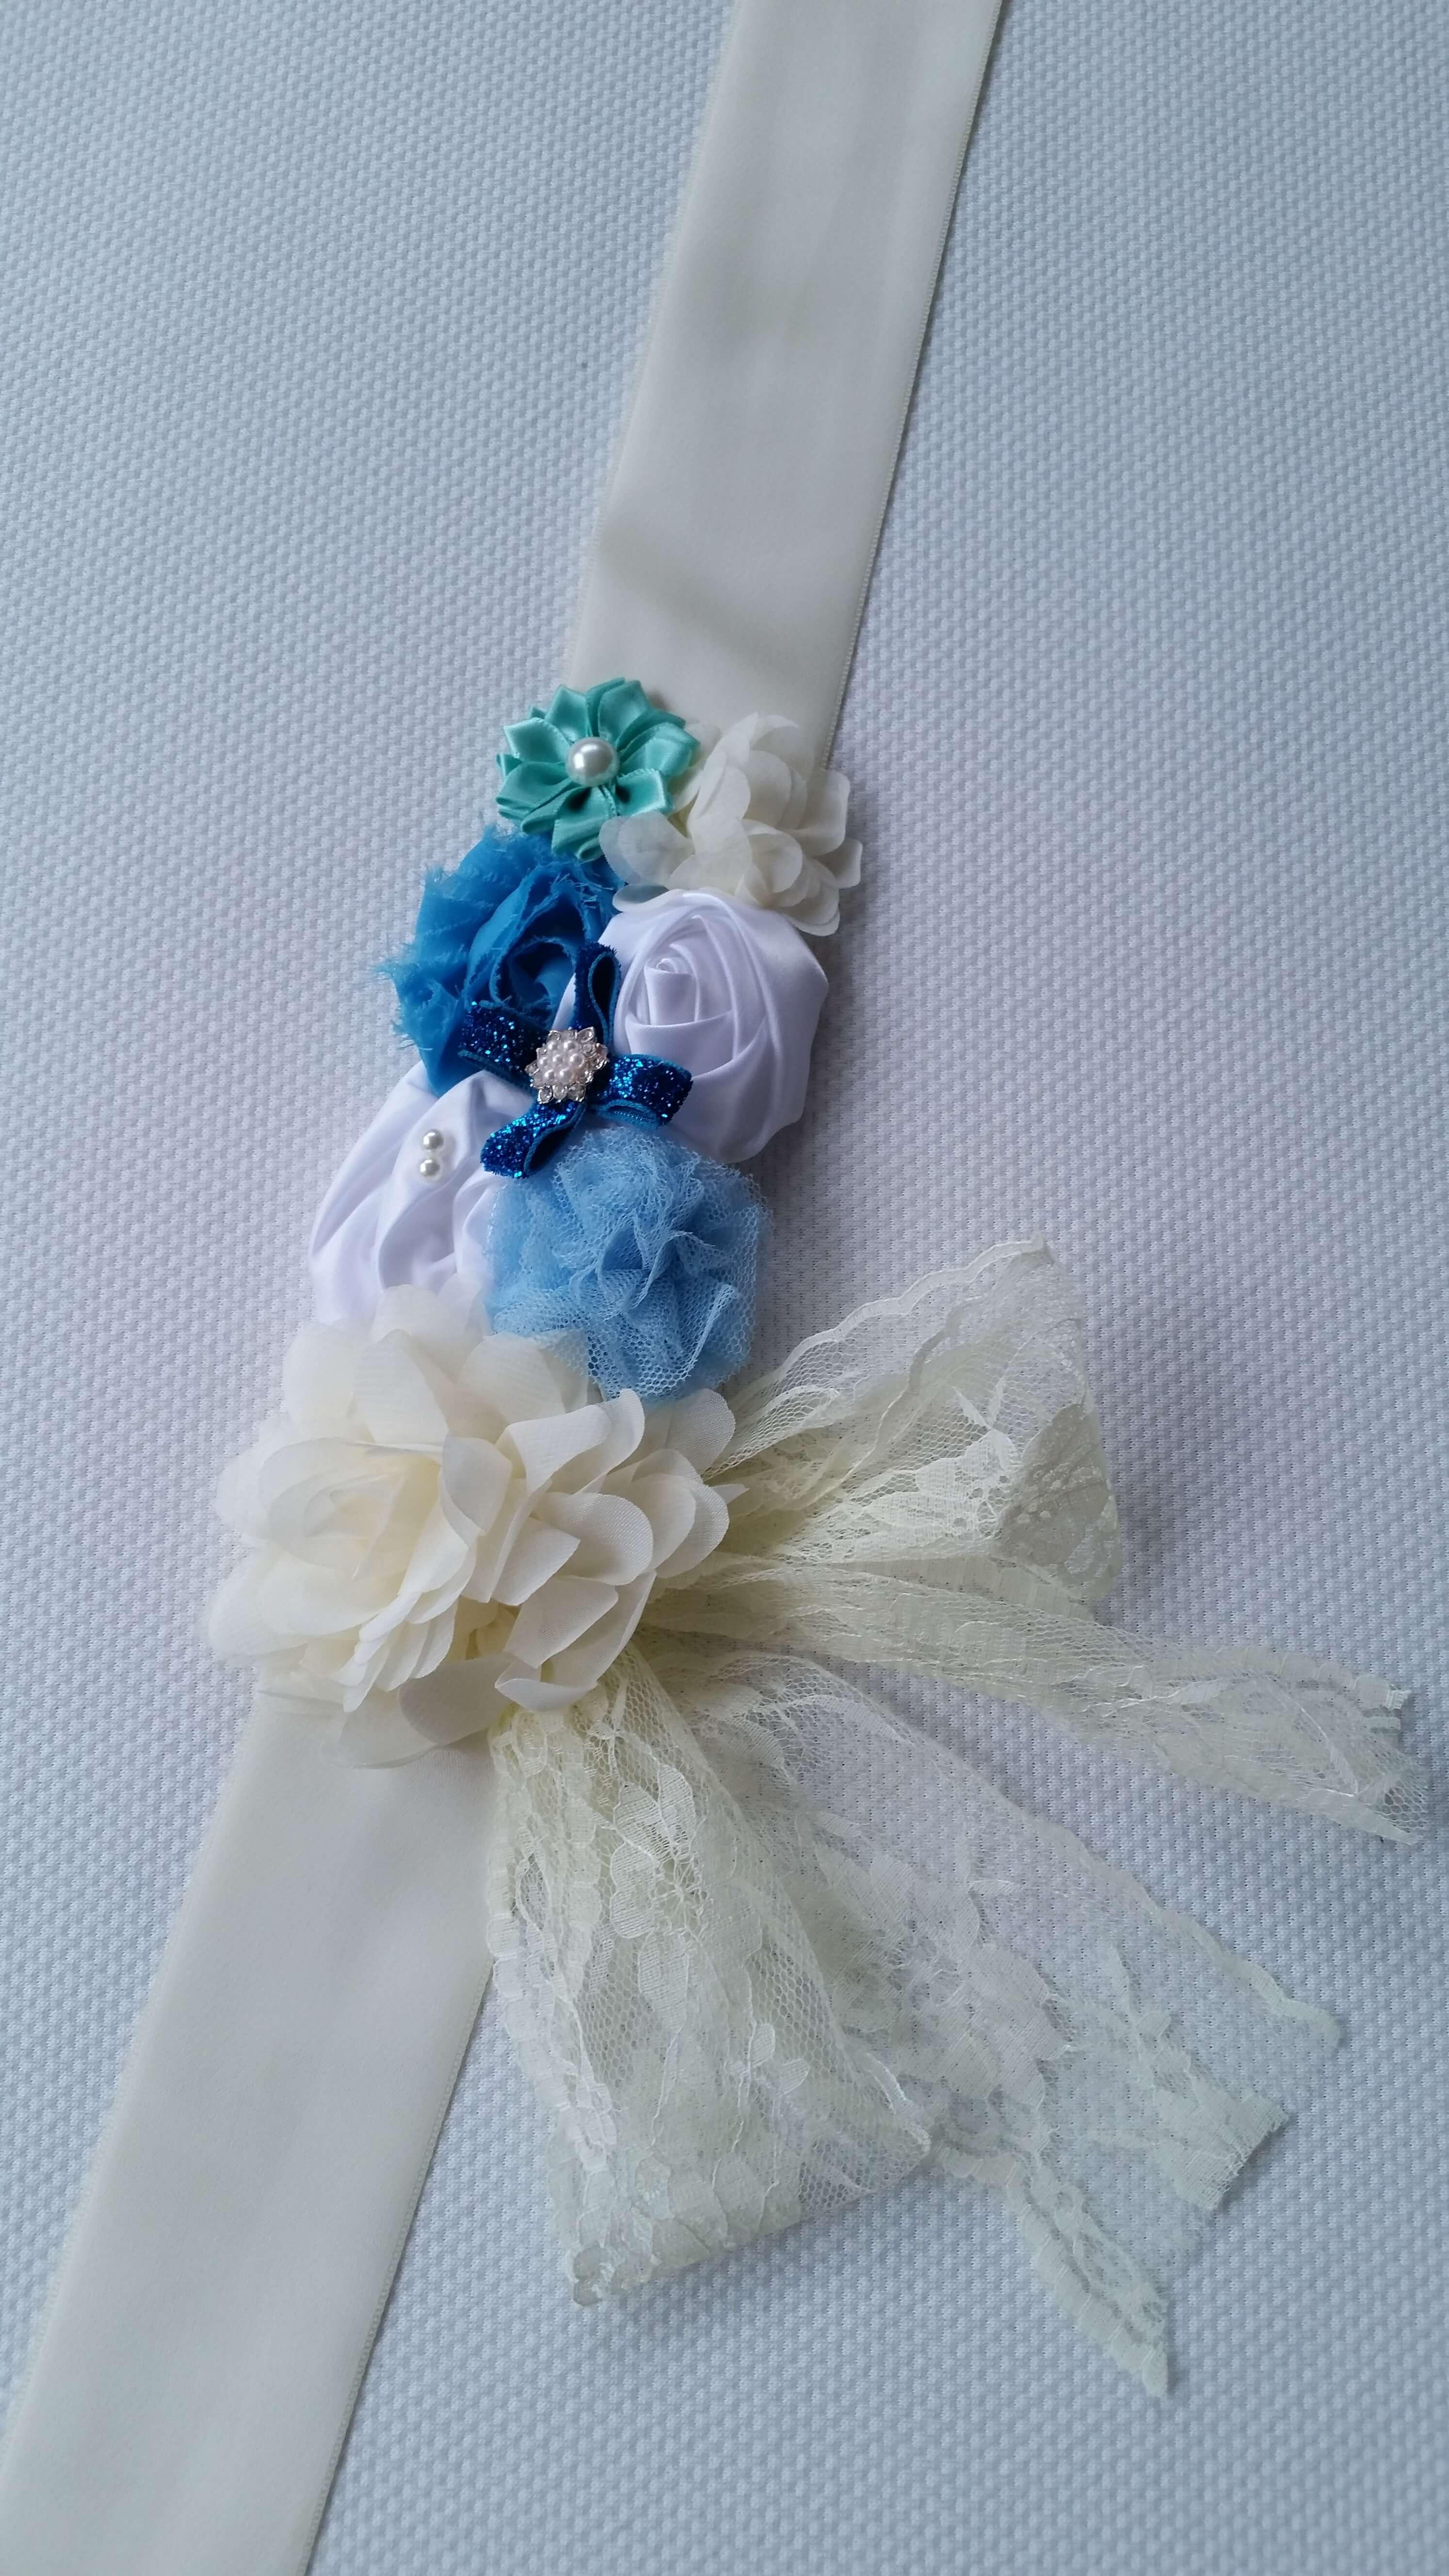 Bézs-kék pocakpánt csipkével